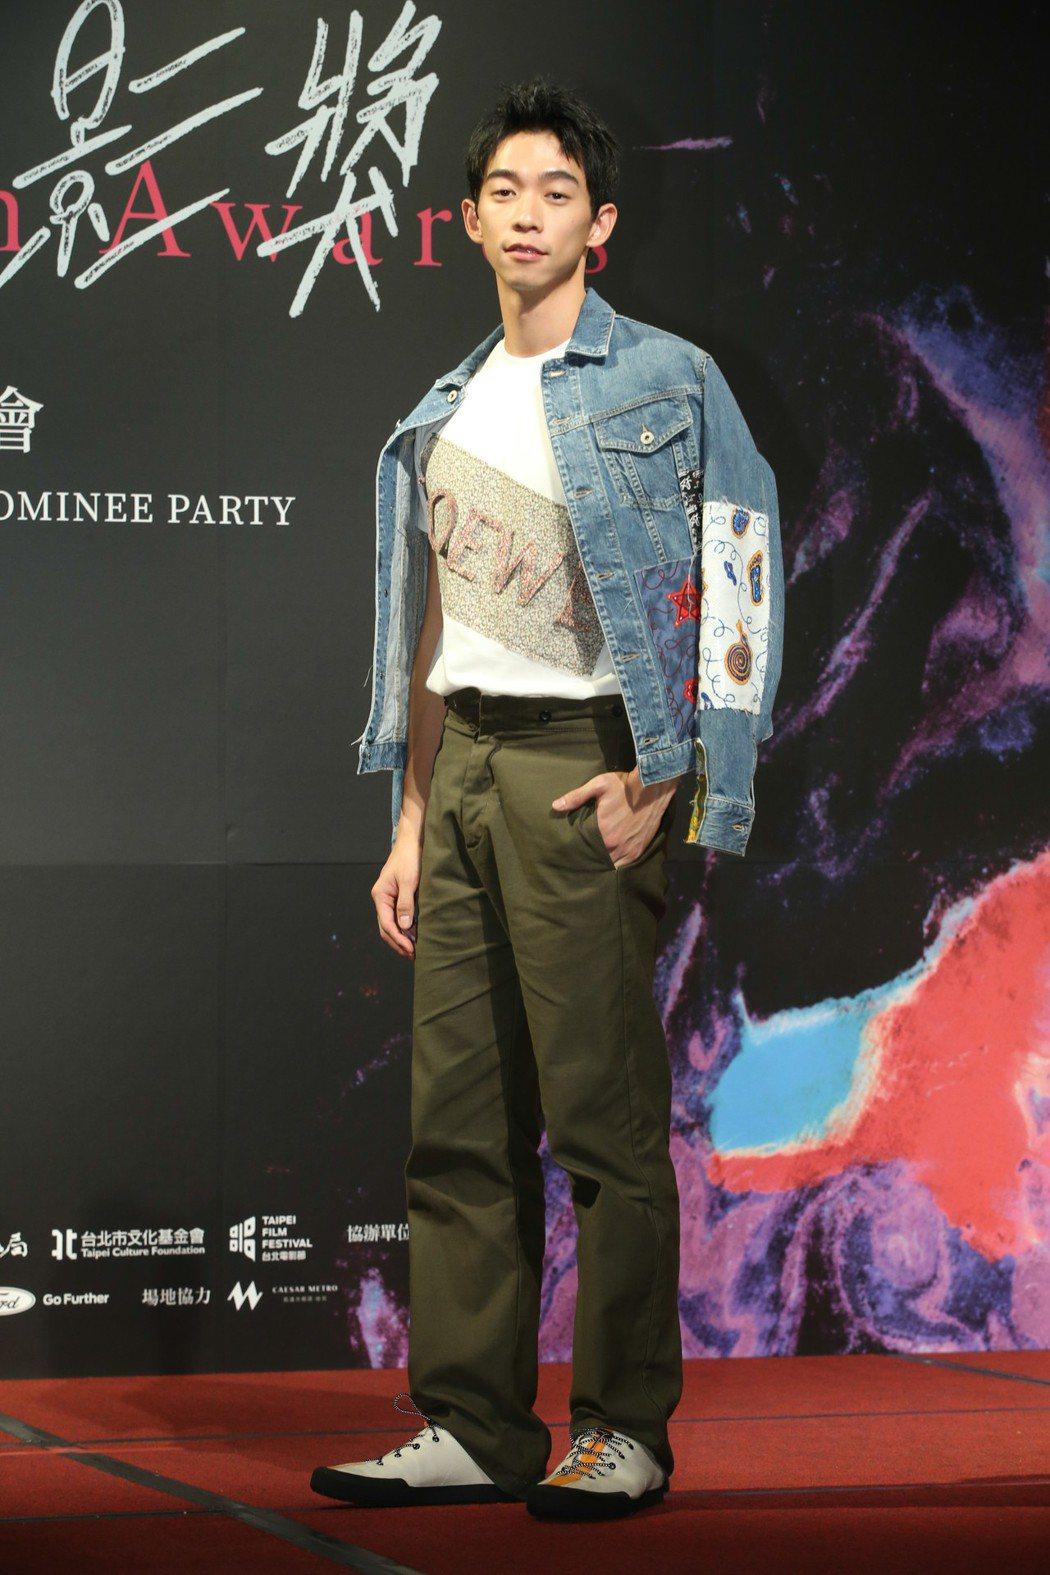 最佳新演員入圍者王可元昨天出席台北電影獎入圍酒會。記者葉信菉/攝影 葉信菉